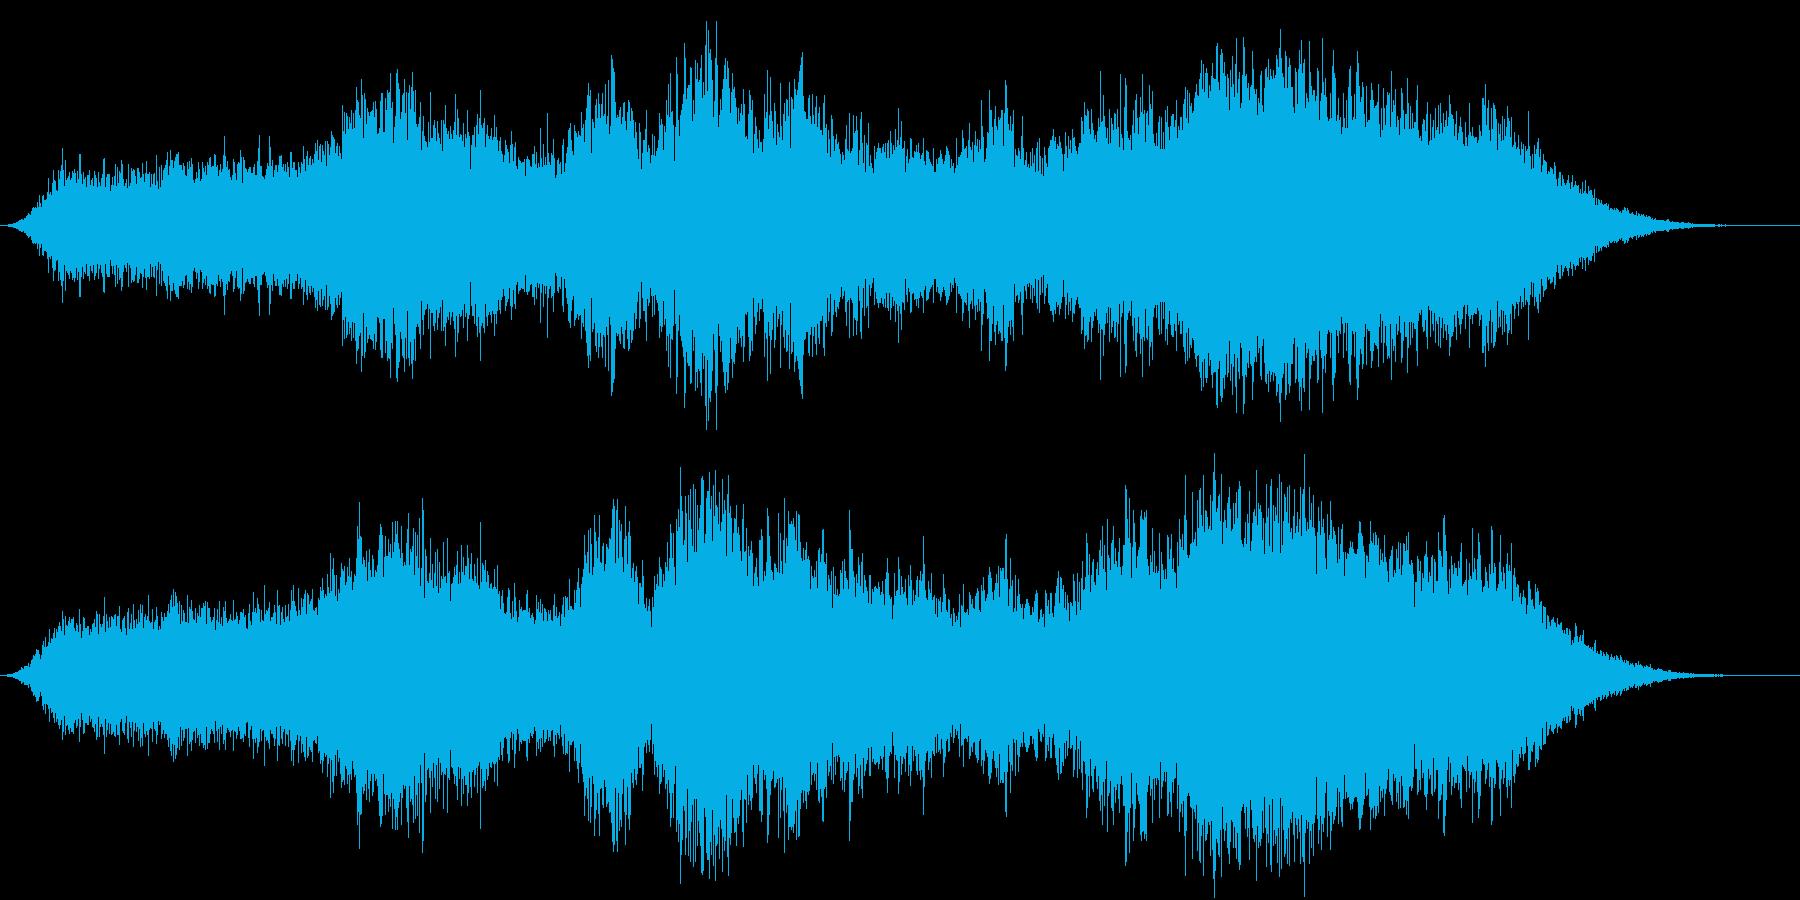 キラキラ幻想的アンビエントの再生済みの波形